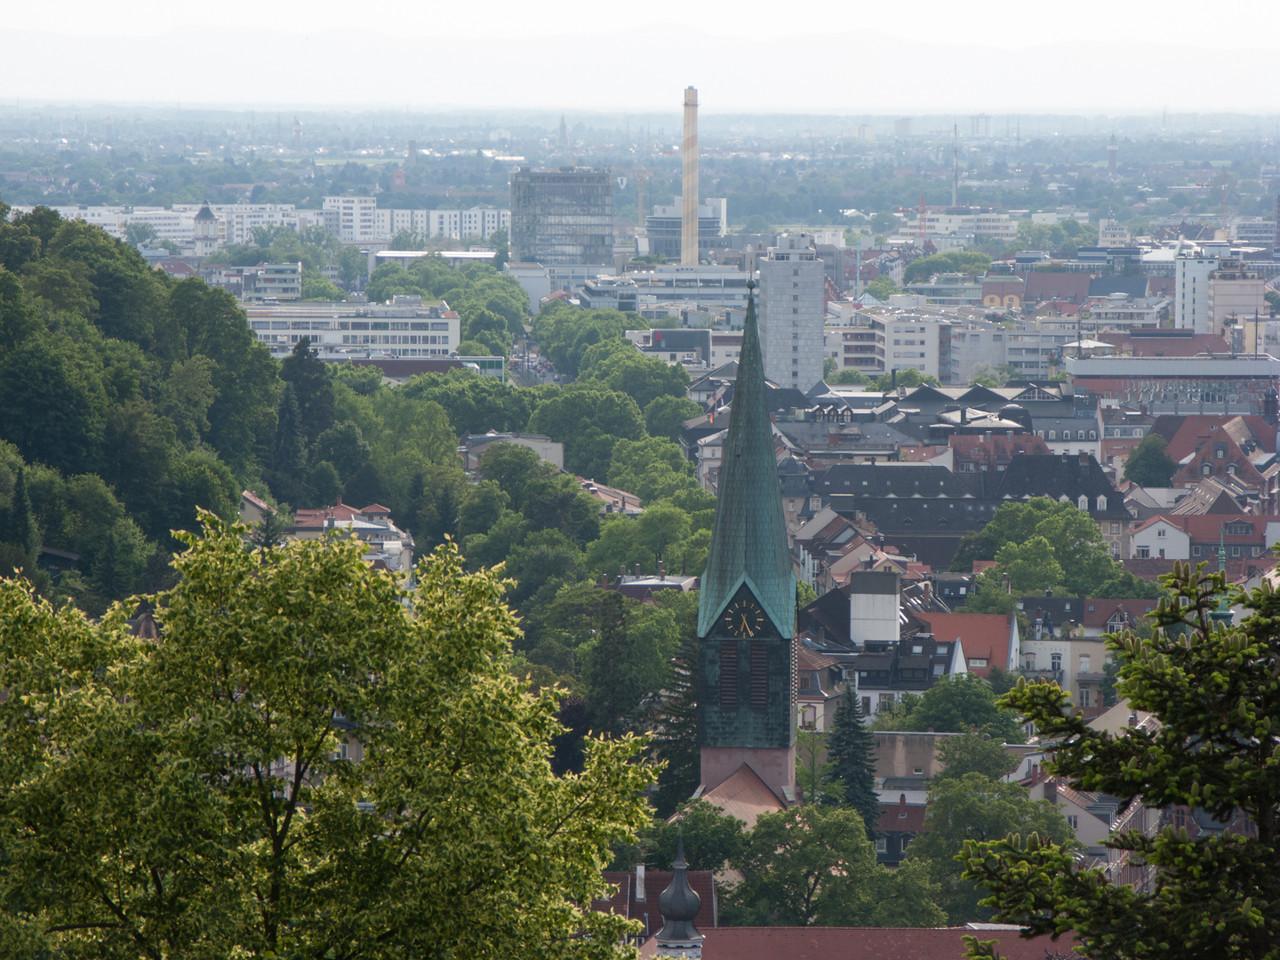 heidelberg_2014-05-20_1044